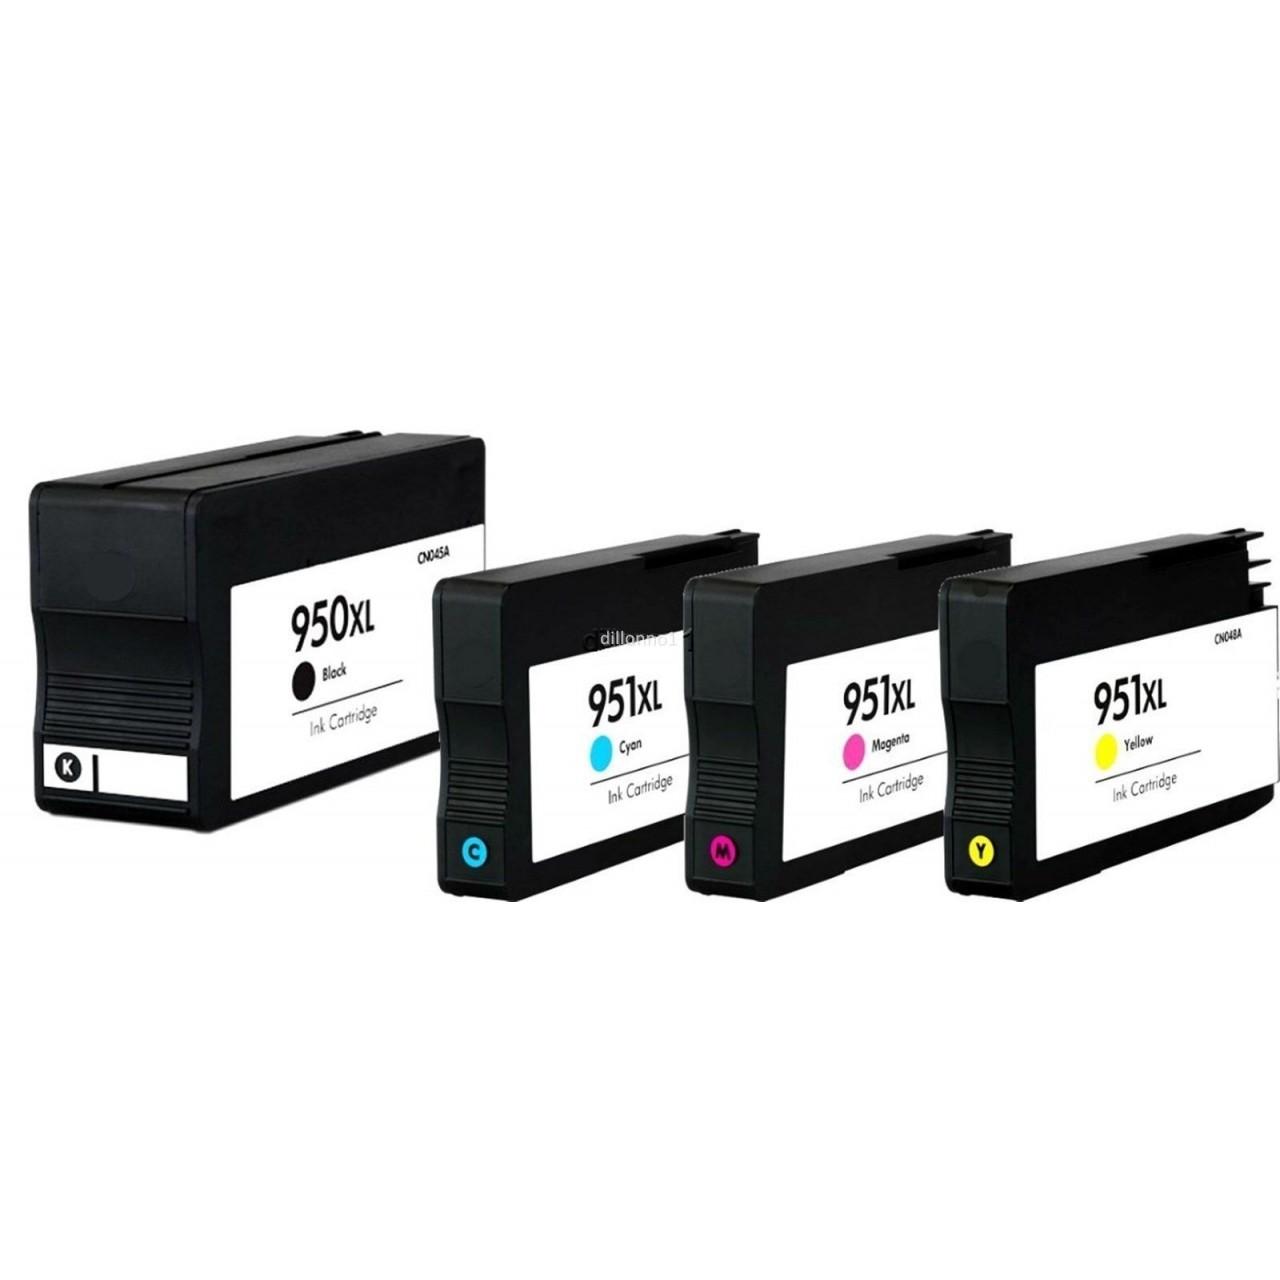 Μελάνια HP Συμβατά 950xl/951xl Pack Τελευταία Έκδοση V5 για: Officejet pro 8100, 8600, 8610, 8620, 8630e, 251dw, 276dw